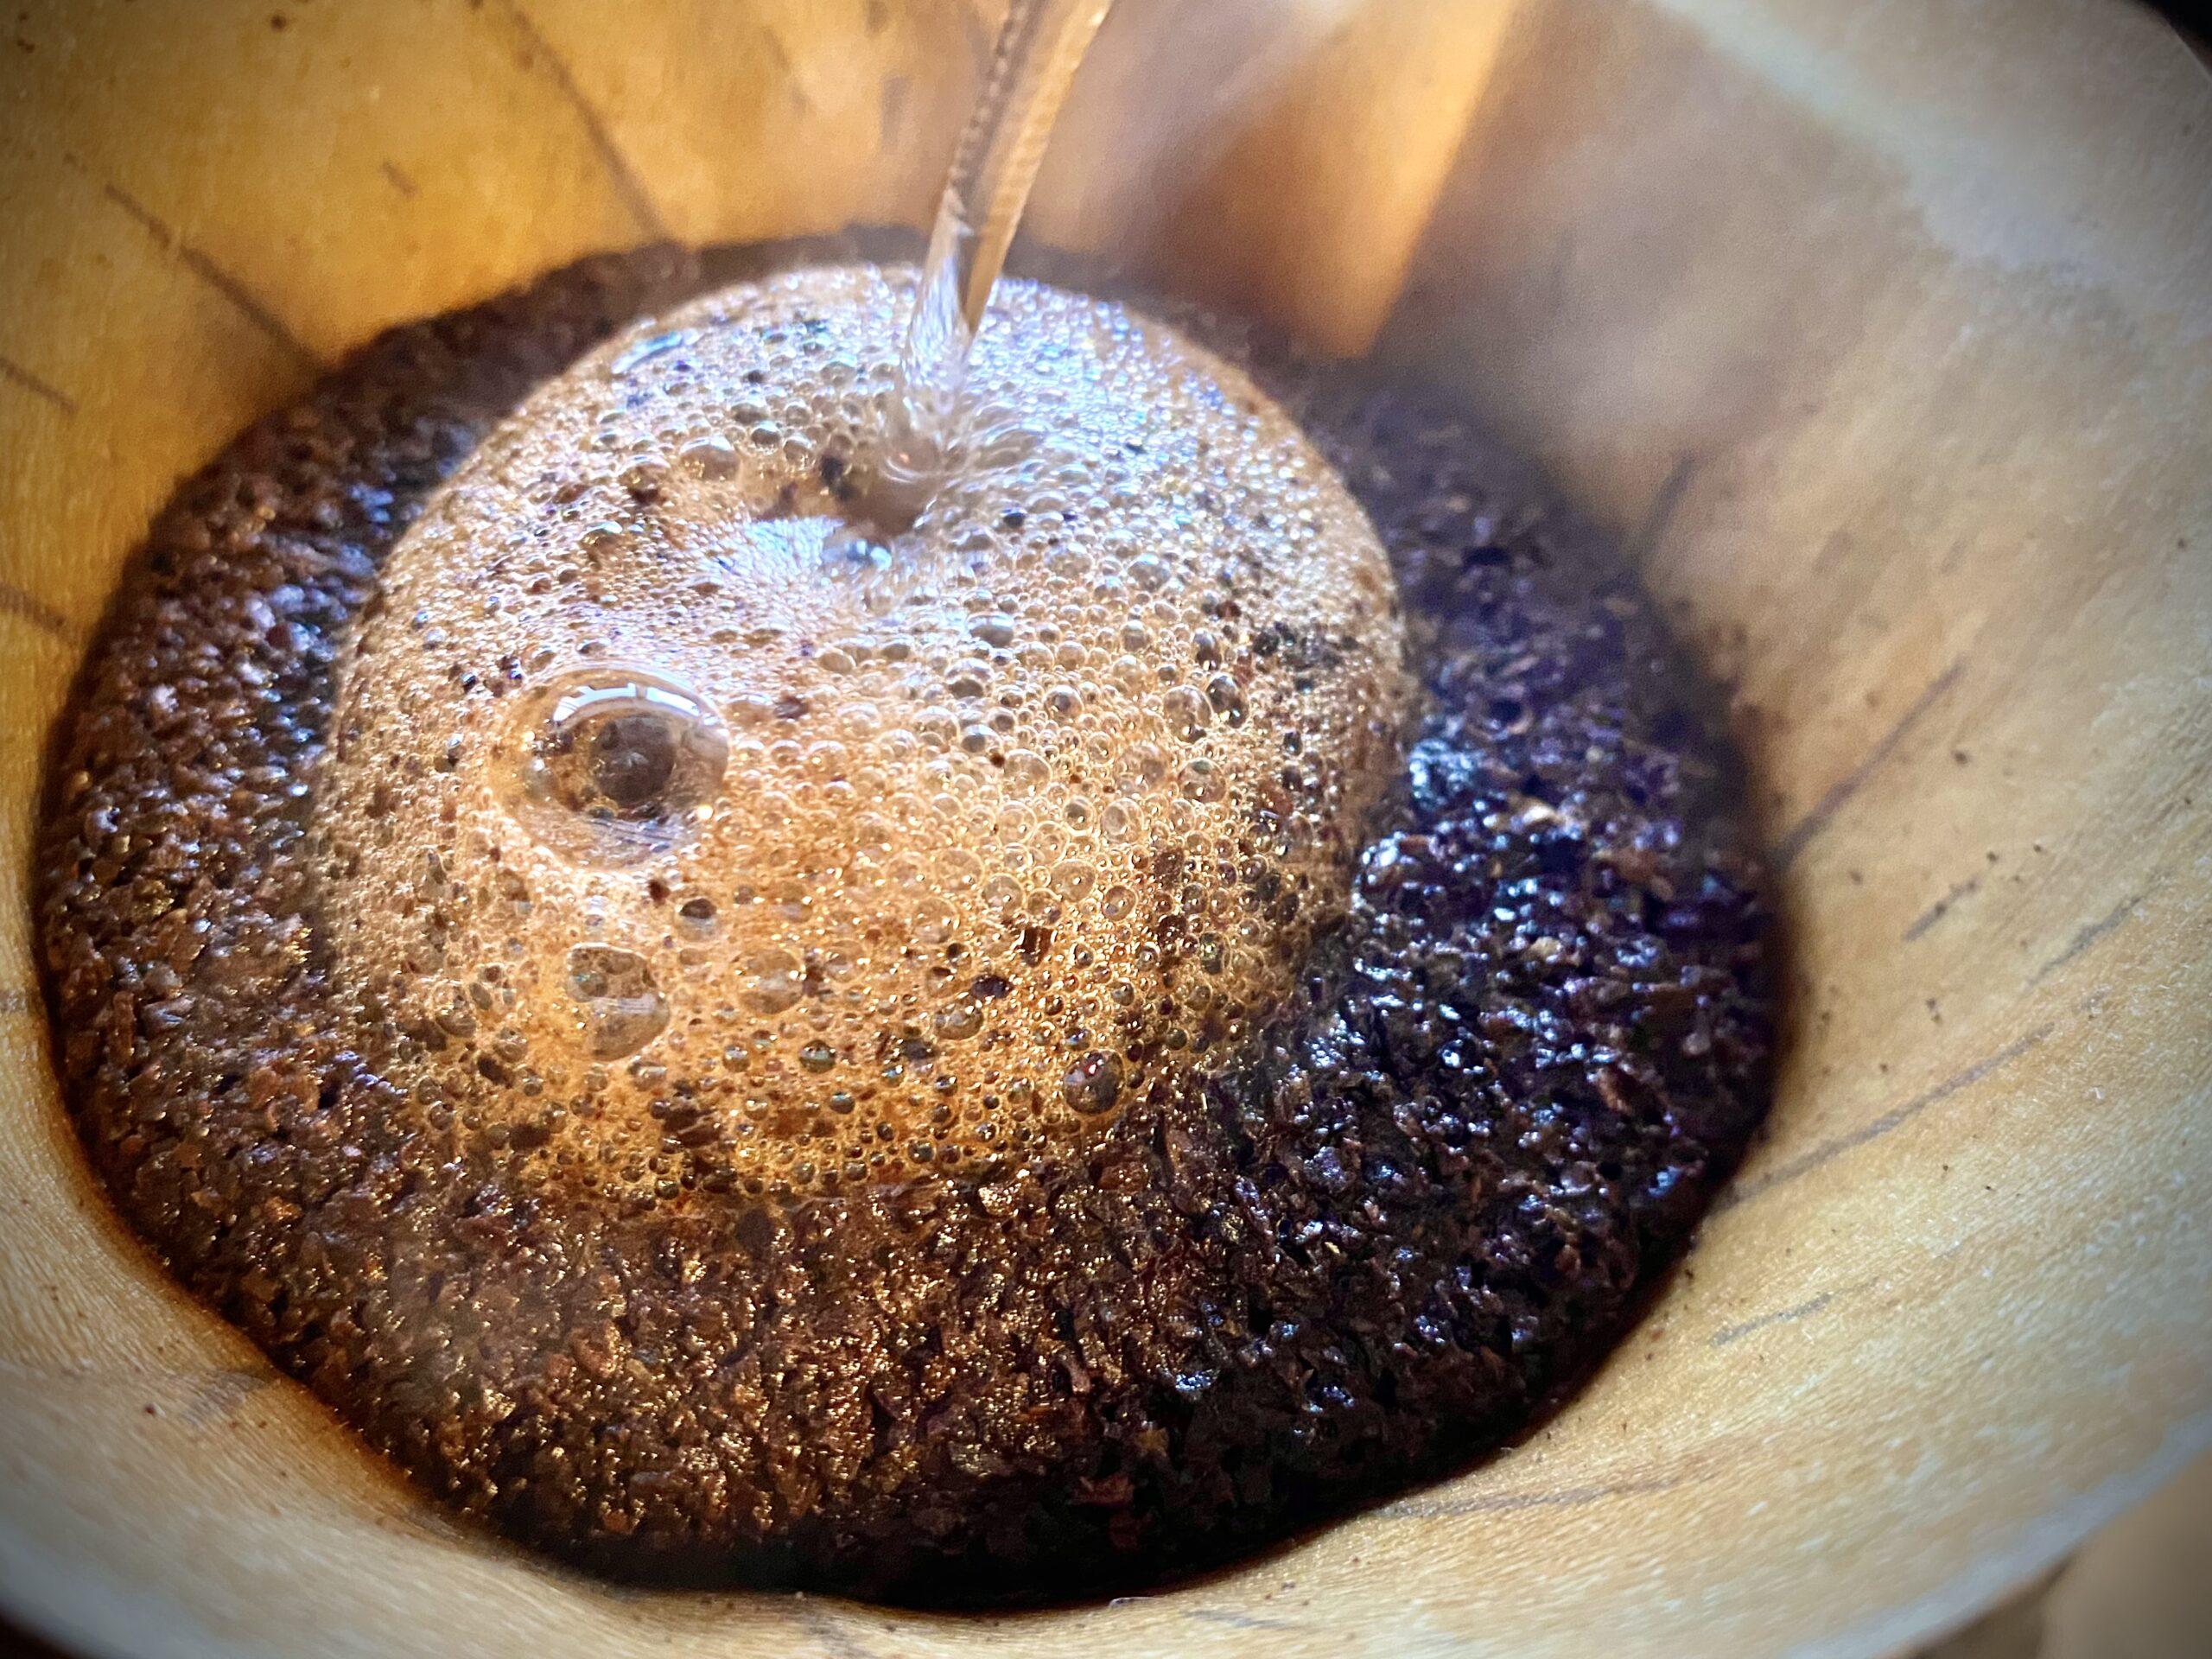 明日は何のコーヒーを飲もうかな♪